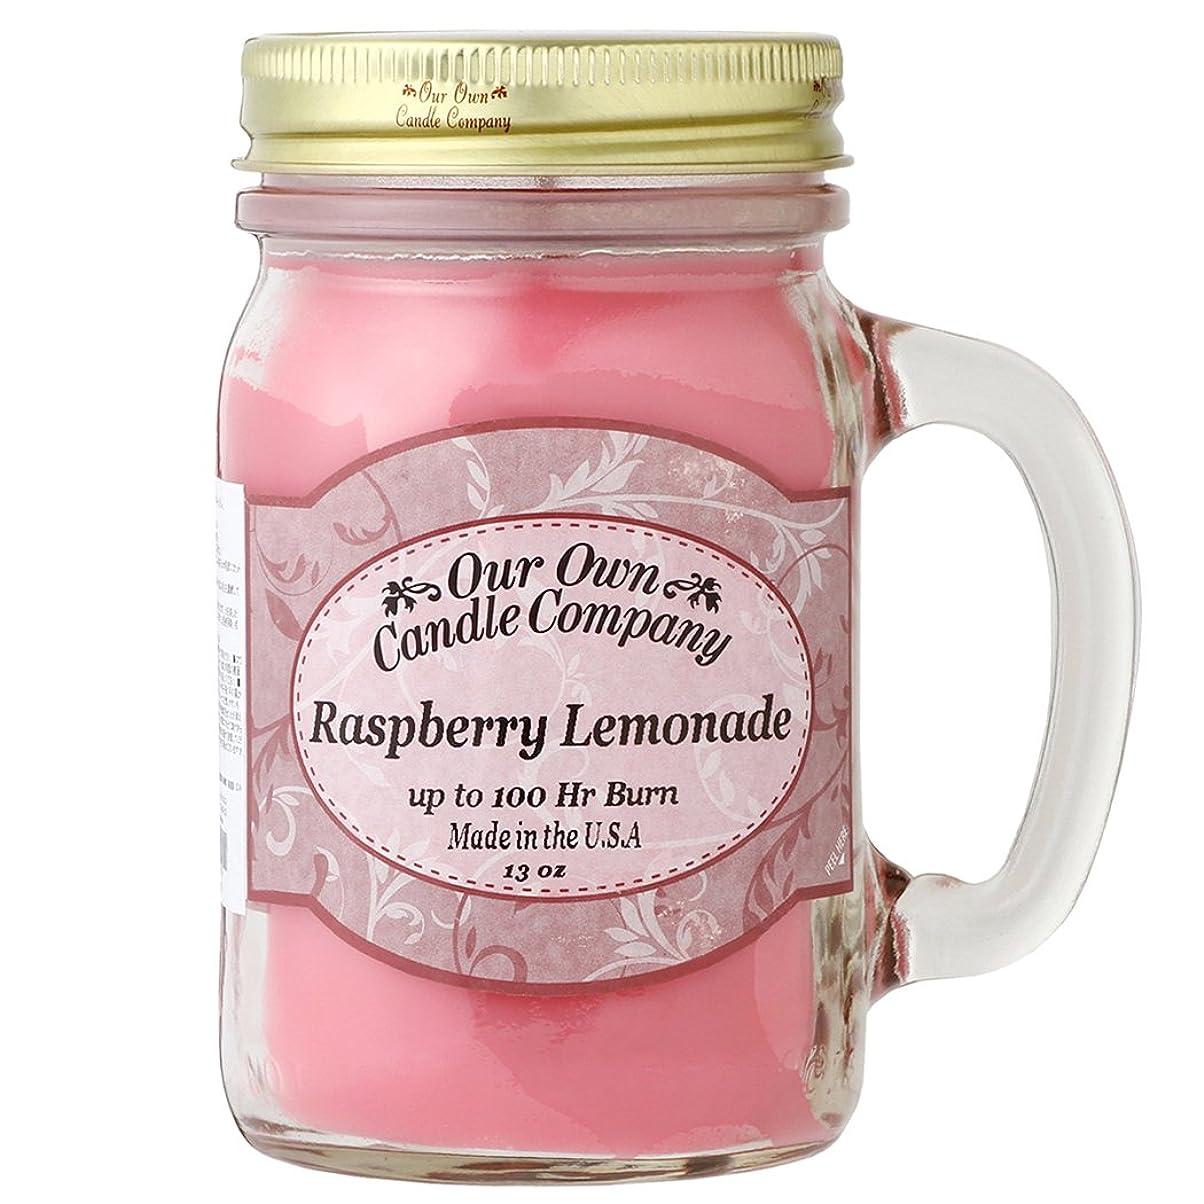 適応的購入回想Our Own Candle Company メイソンジャーキャンドル ラージサイズ ラズベリーレモネード OU100096